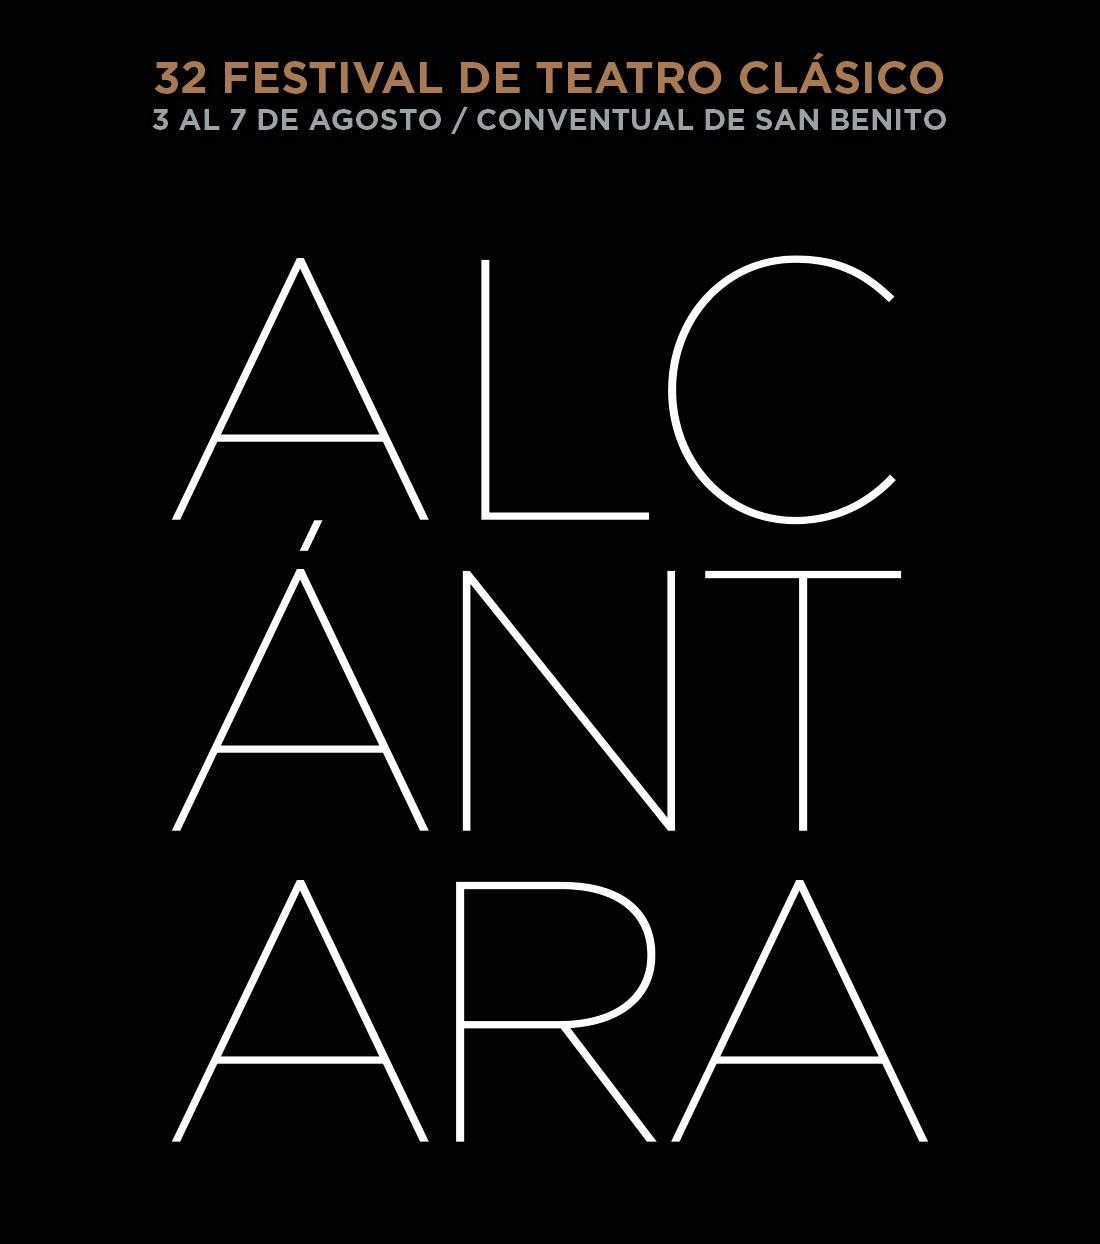 Festival de Teatro Clásico de Alcántara